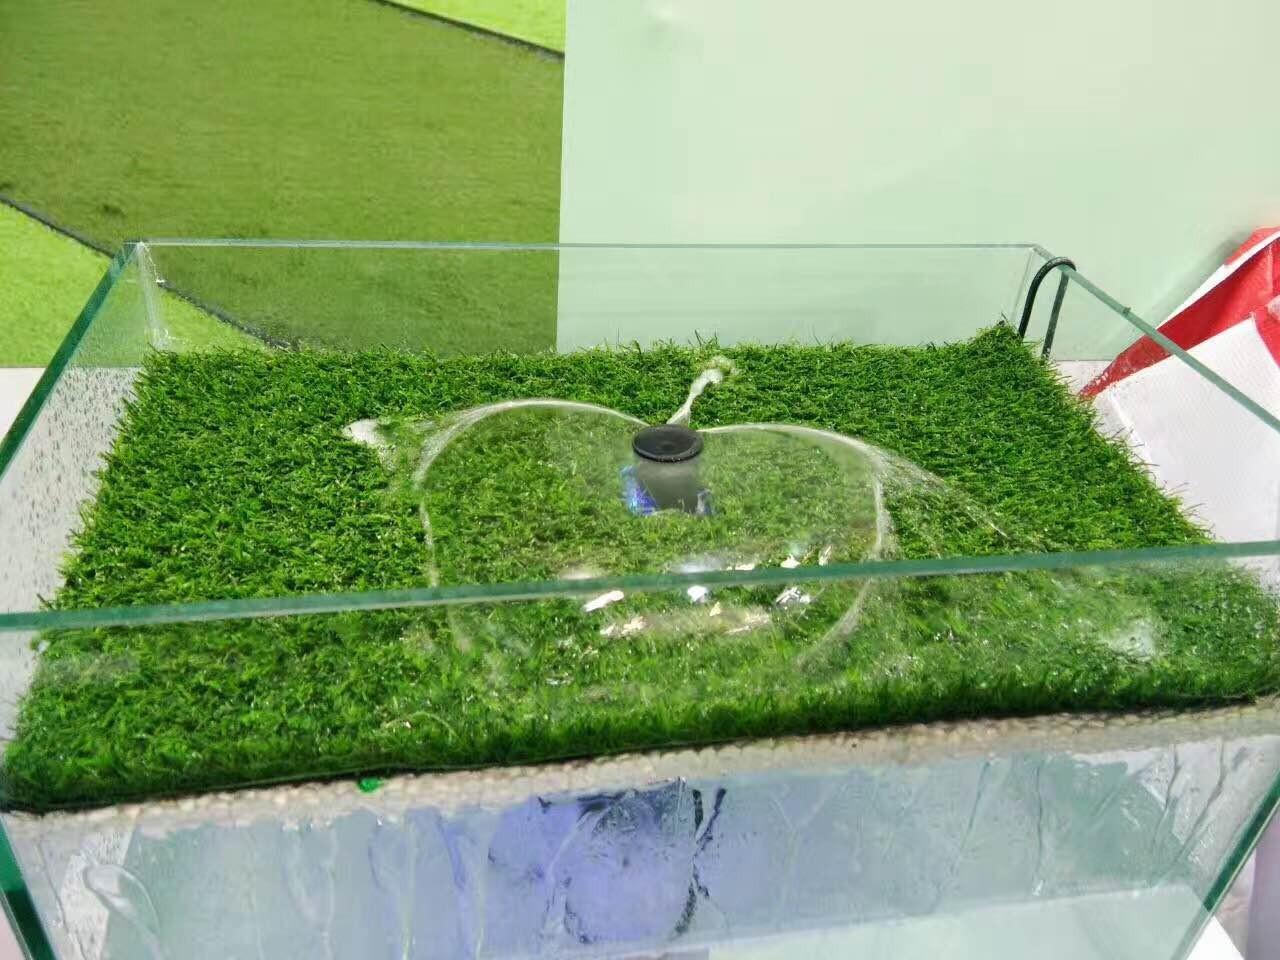 浅谈足球场铺设人工草坪和天然草坪的优缺点